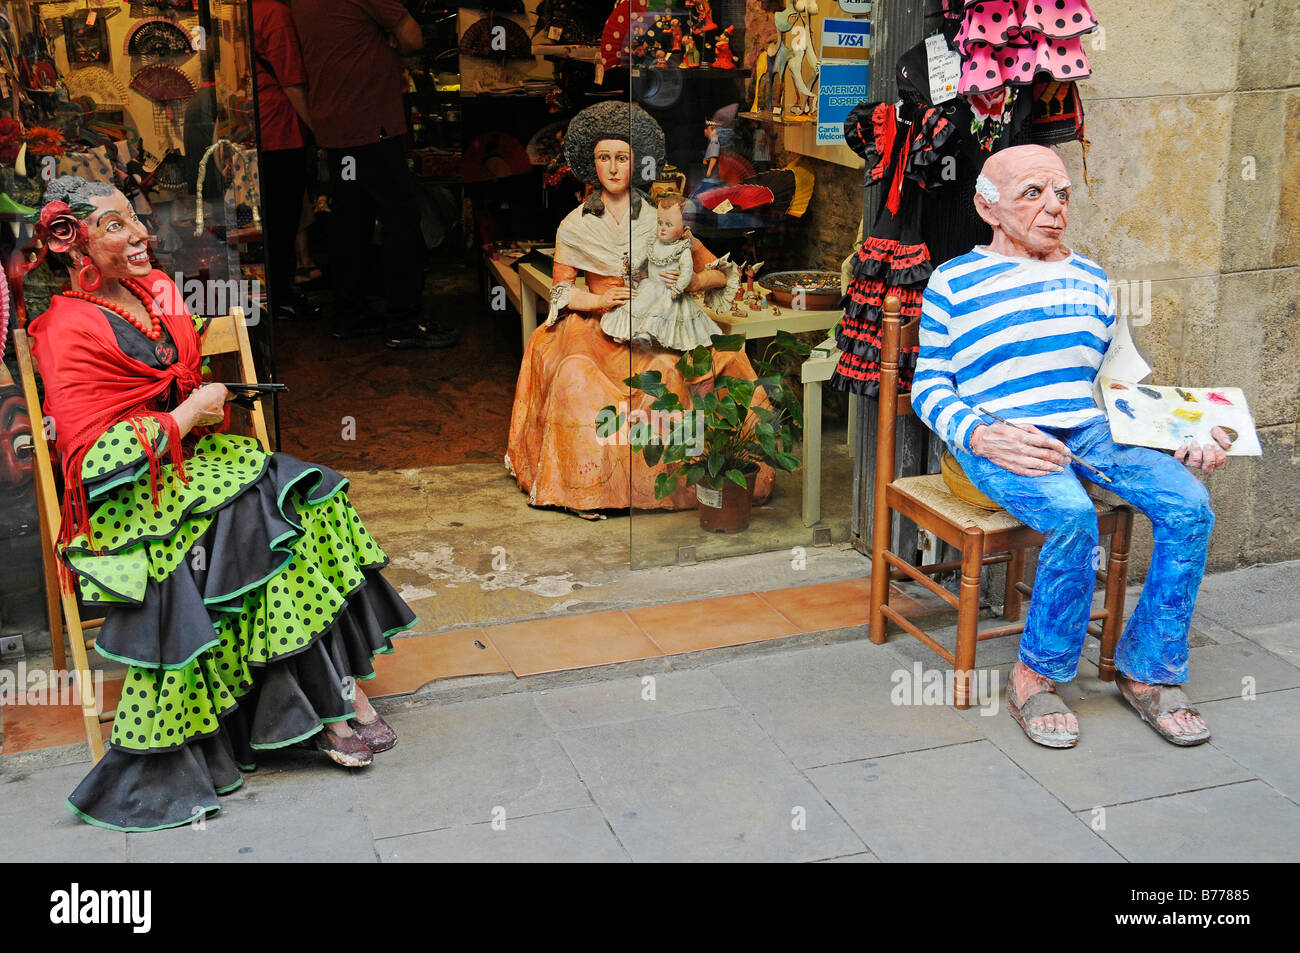 Picasso Painter Statue Flamenco Clothes Typical Spanish Souvenirs Souvenir Shop